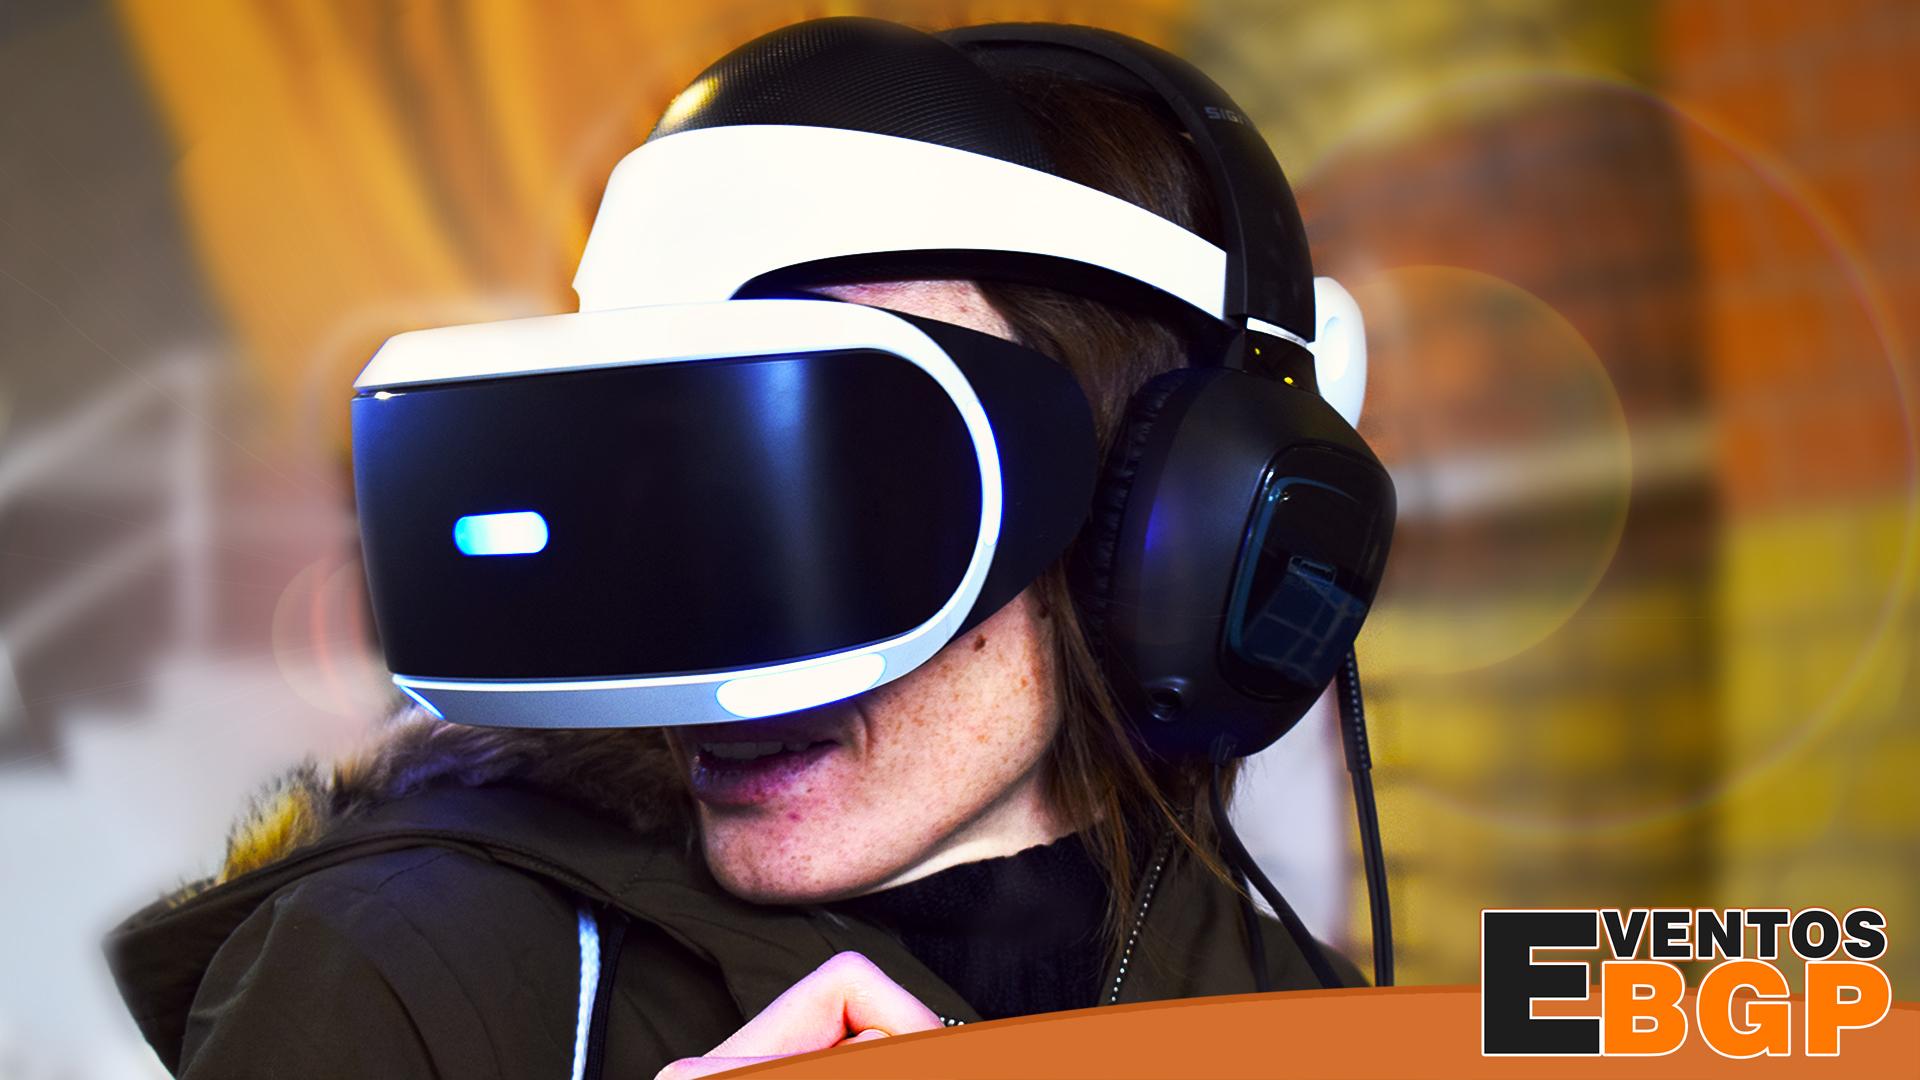 Realidad Virtual puesto de juego en Eventos BGP